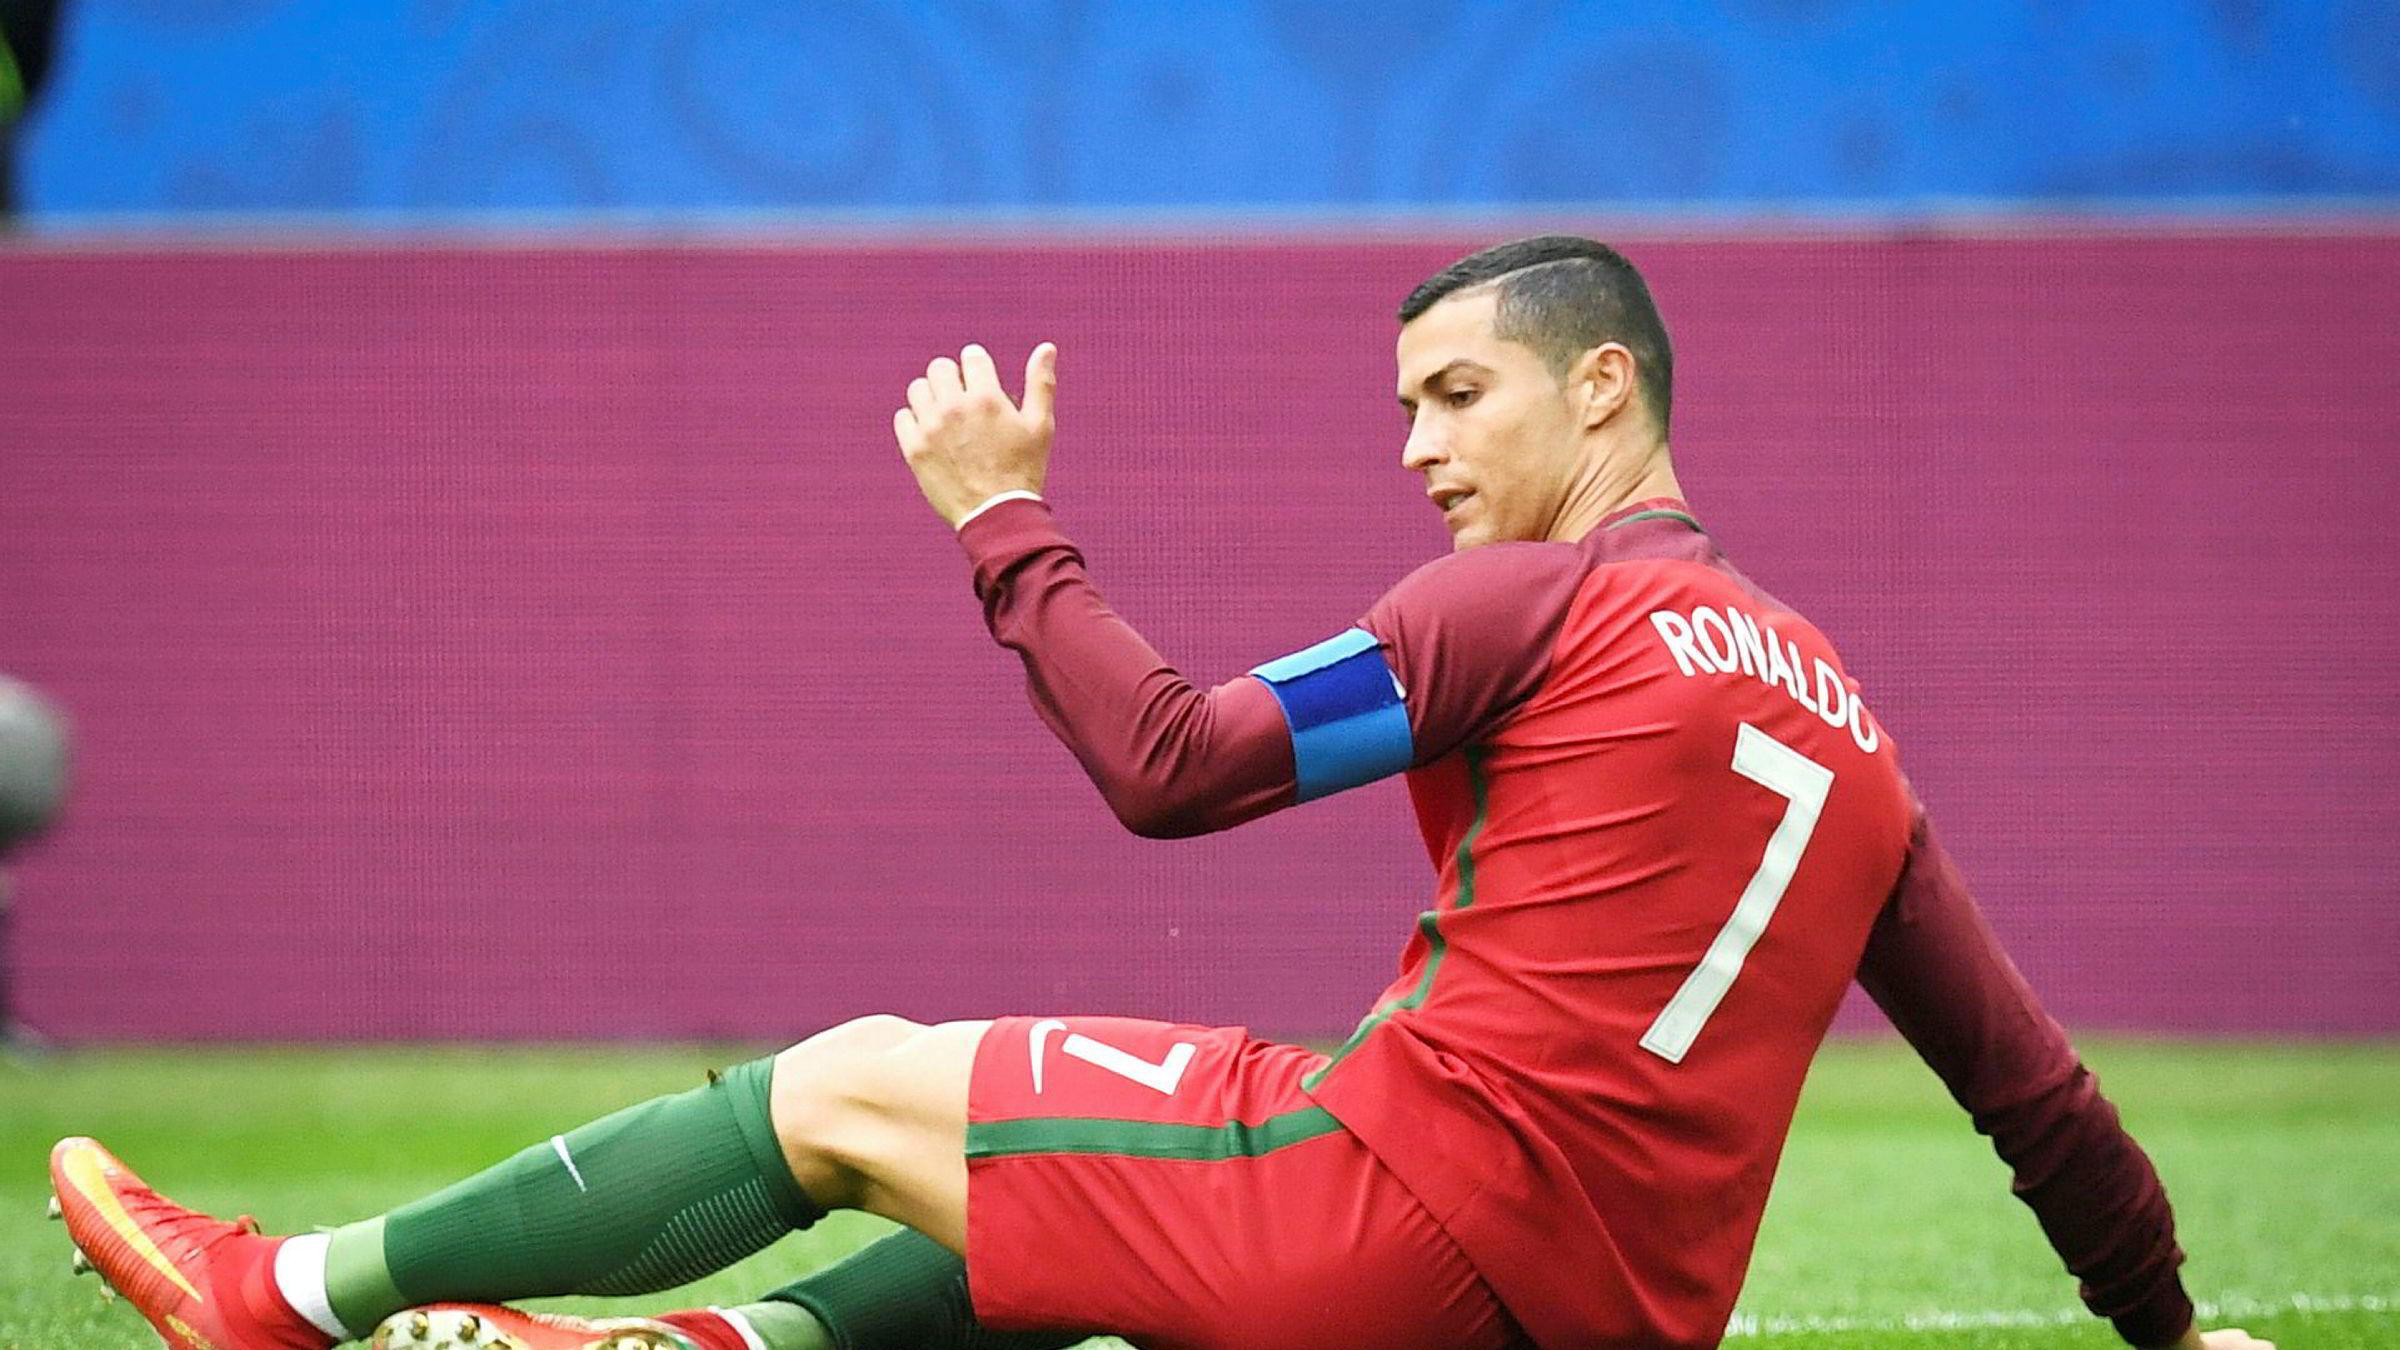 Fotballfans kan anten juble eller fortvile, avhengig av favorittlag, etter at Ronaldo trua med klubbskifte fordi han blei skulda for skatteunndraging i Spania.